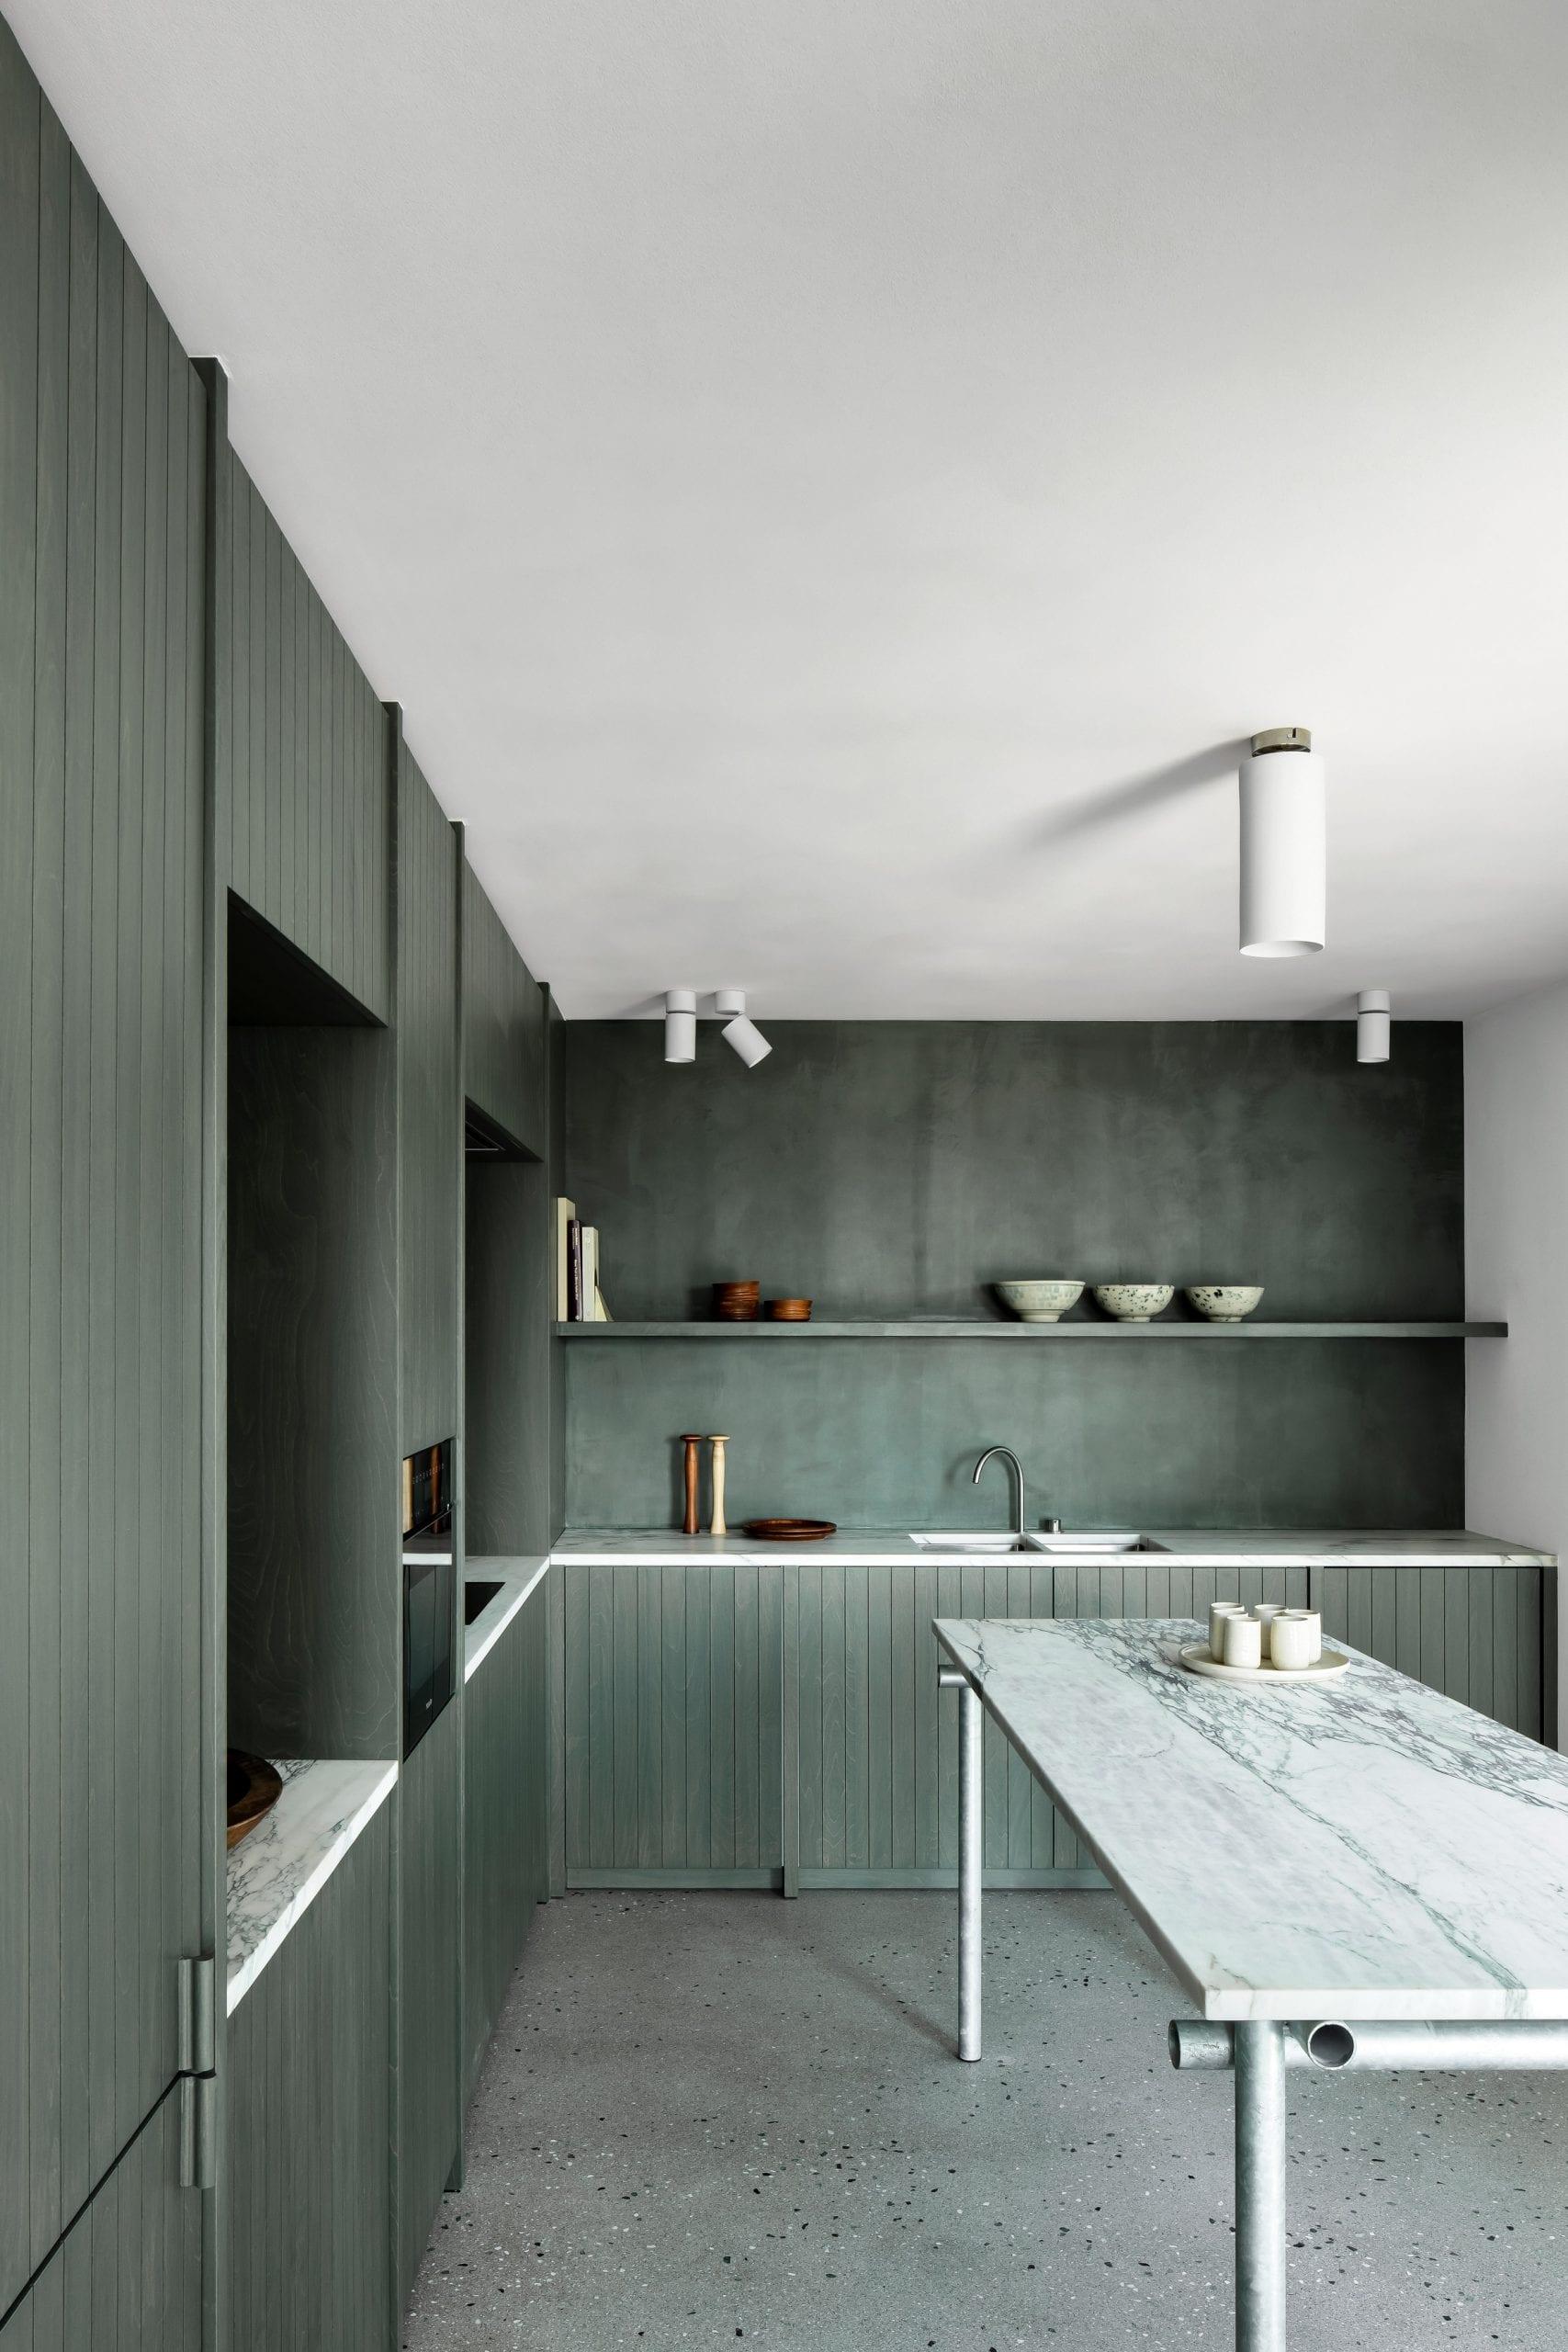 green stained kitchen by Carmine Van Der Linden and Thomas Geldof